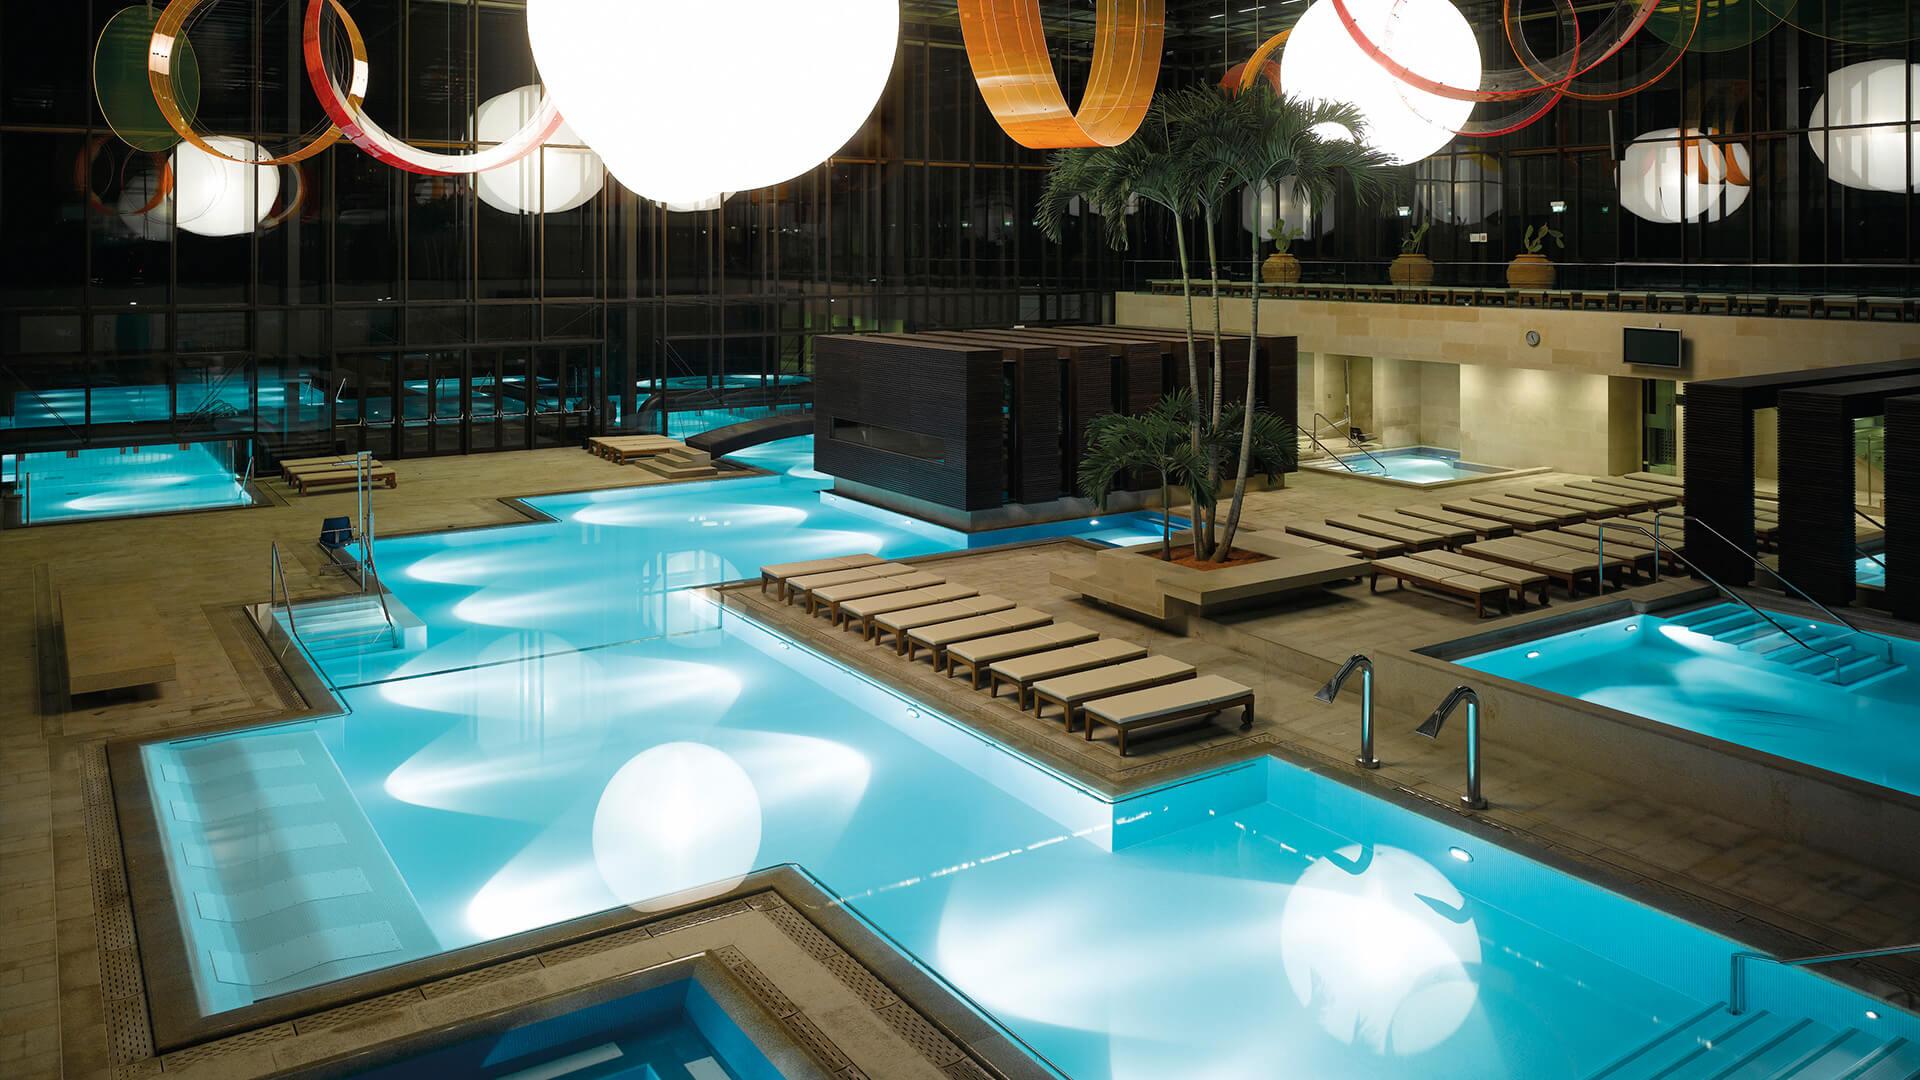 Sehensw rdigkeiten in meran die highlights for Design hotel meran und umgebung